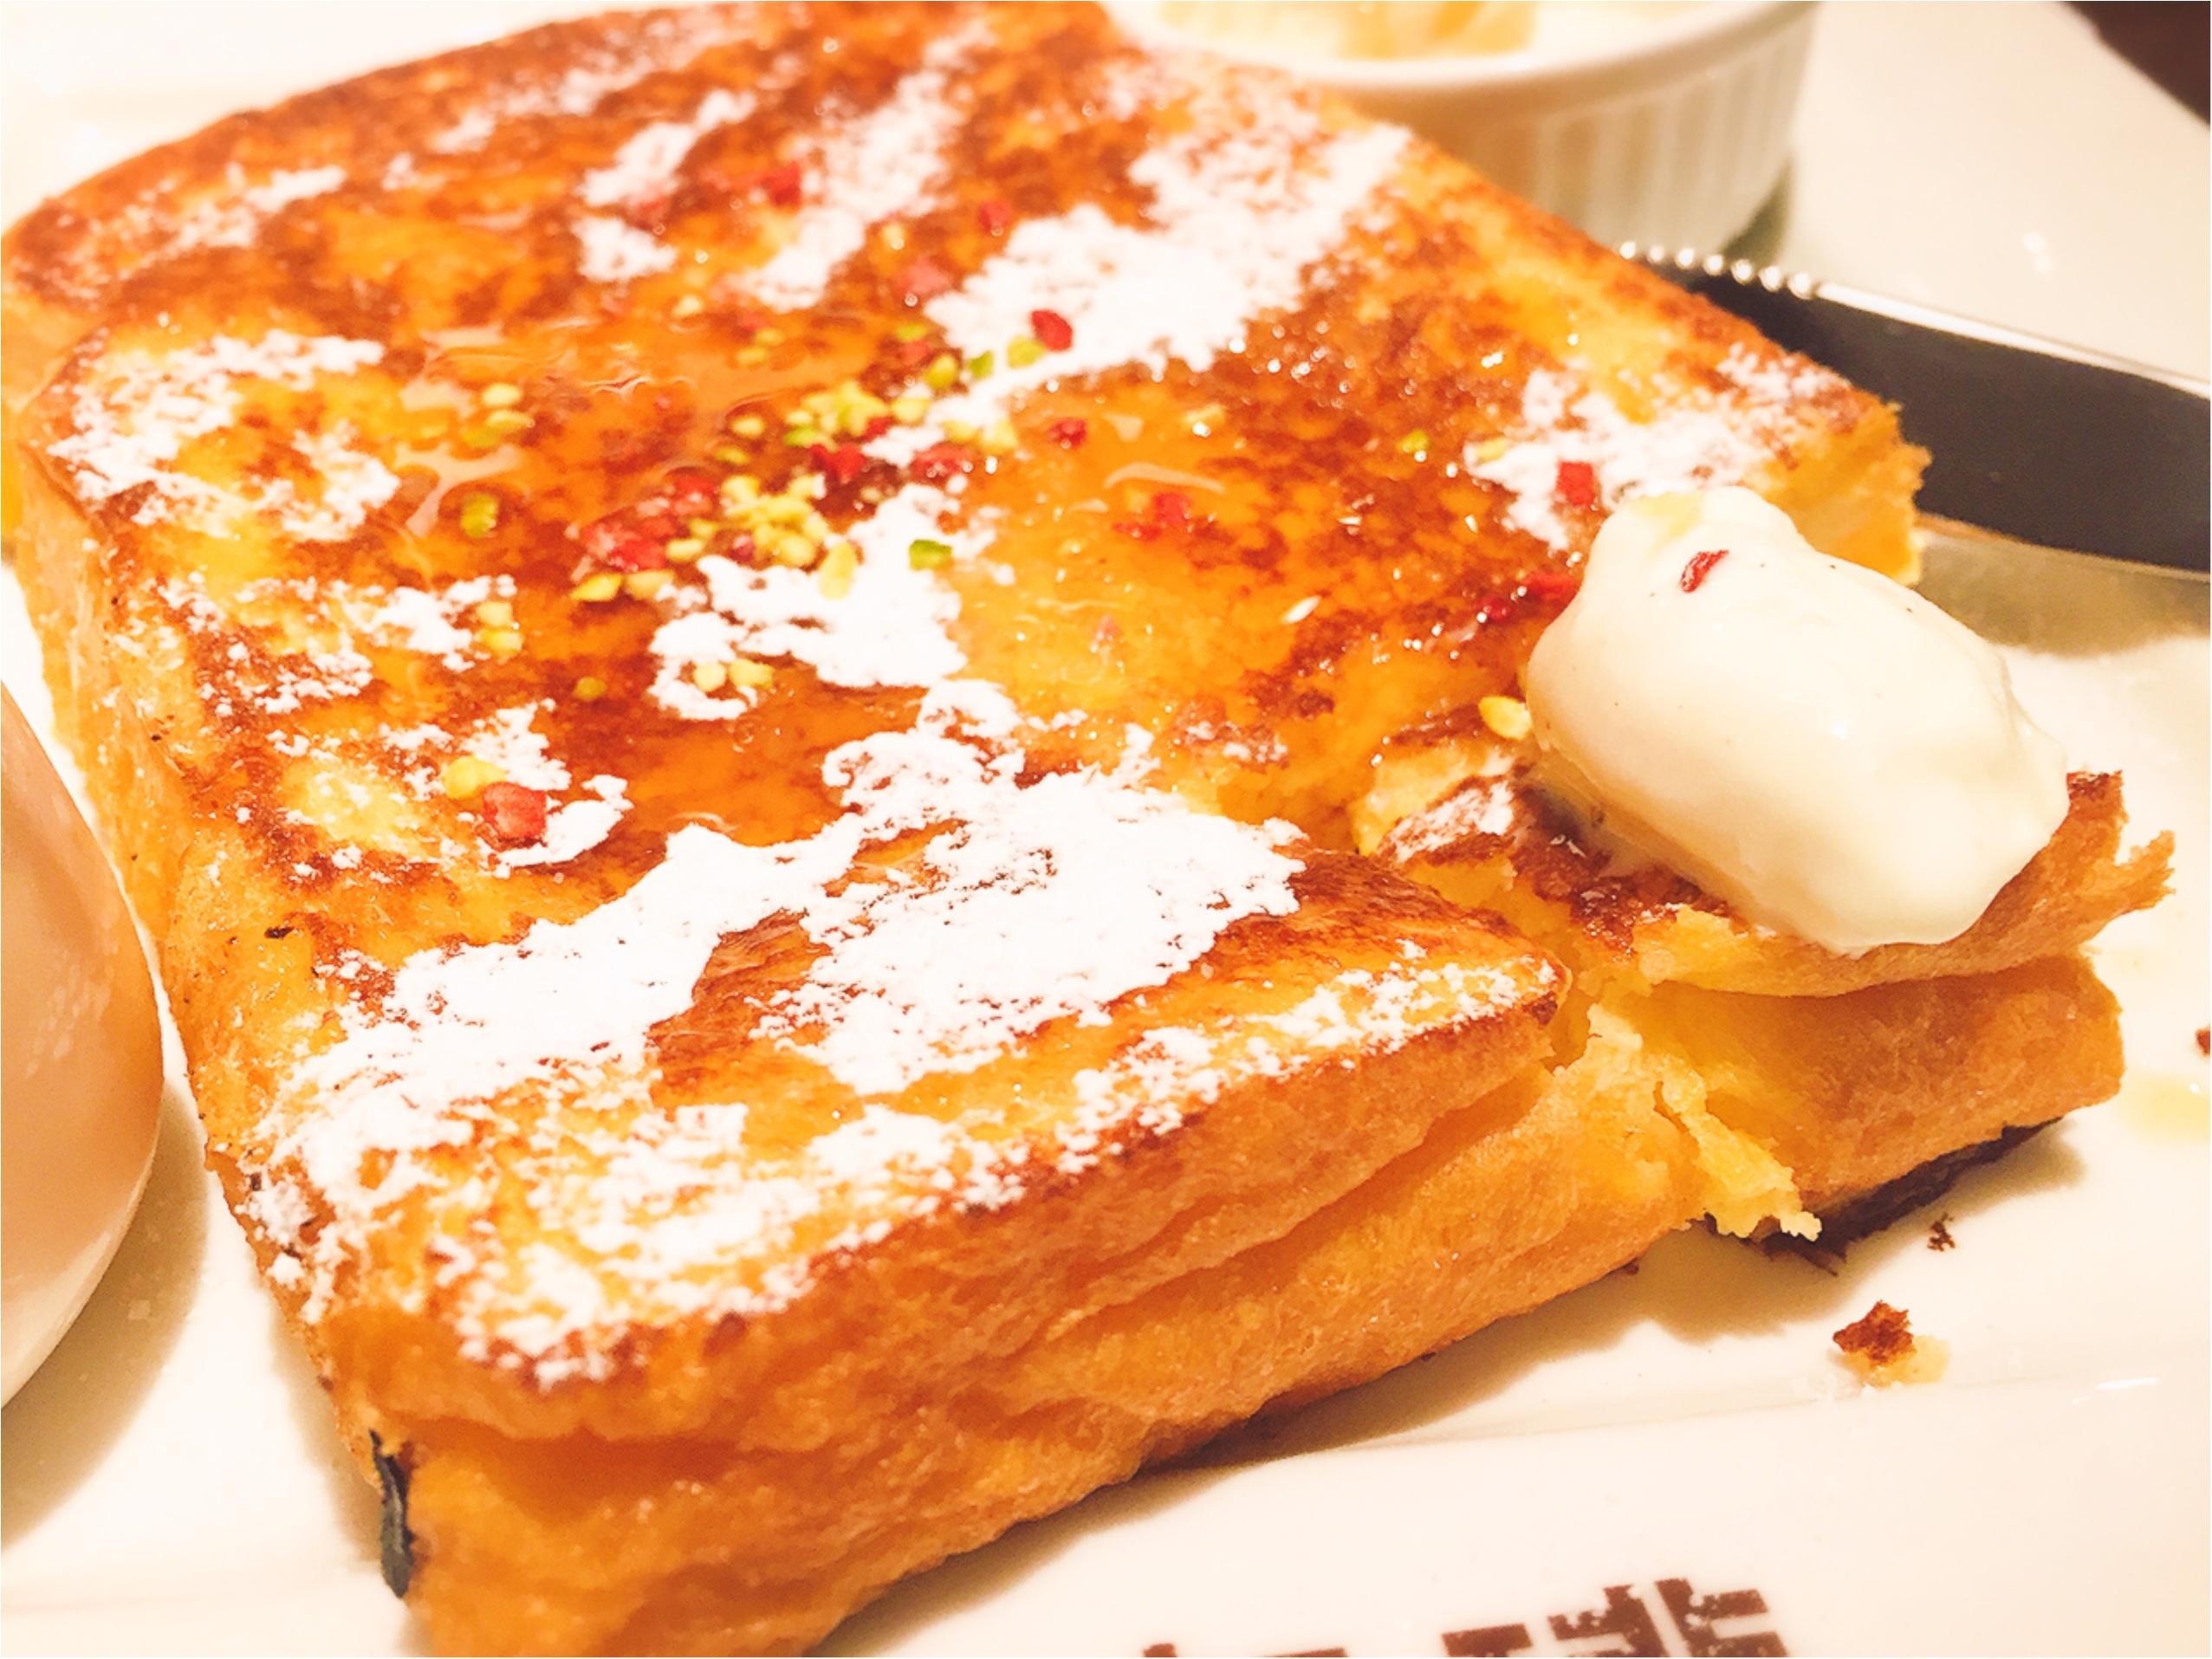 《朝活のすすめ》ちょっと早起きして美味しいフレンチトーストを食べに行きませんか?_5